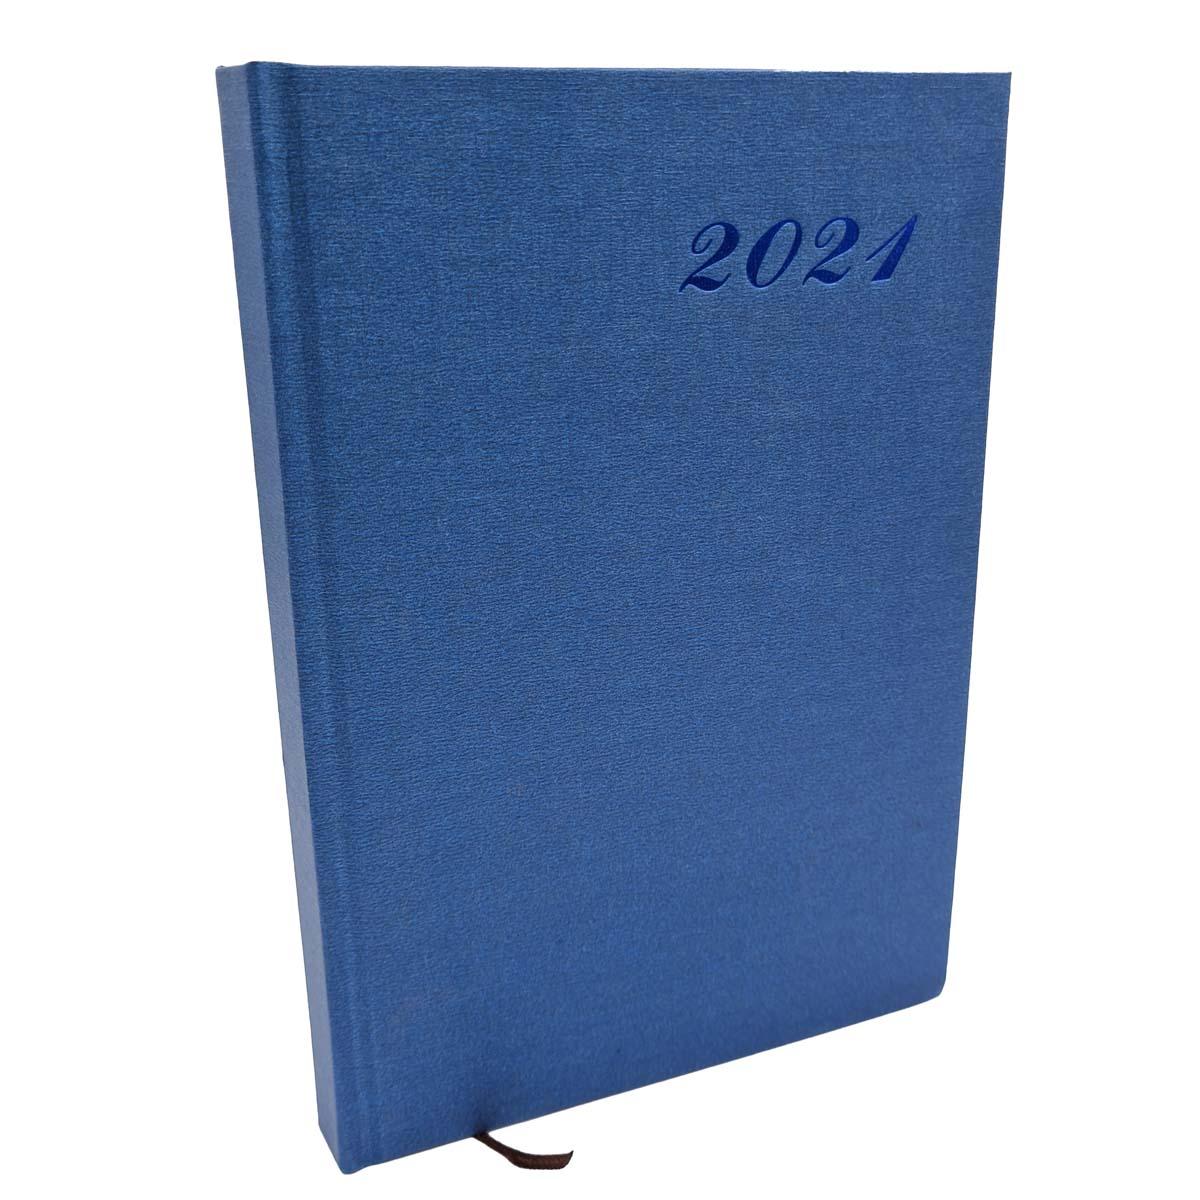 Agenda 2021 Diária A5 176 Folhas Capa Dura Azul